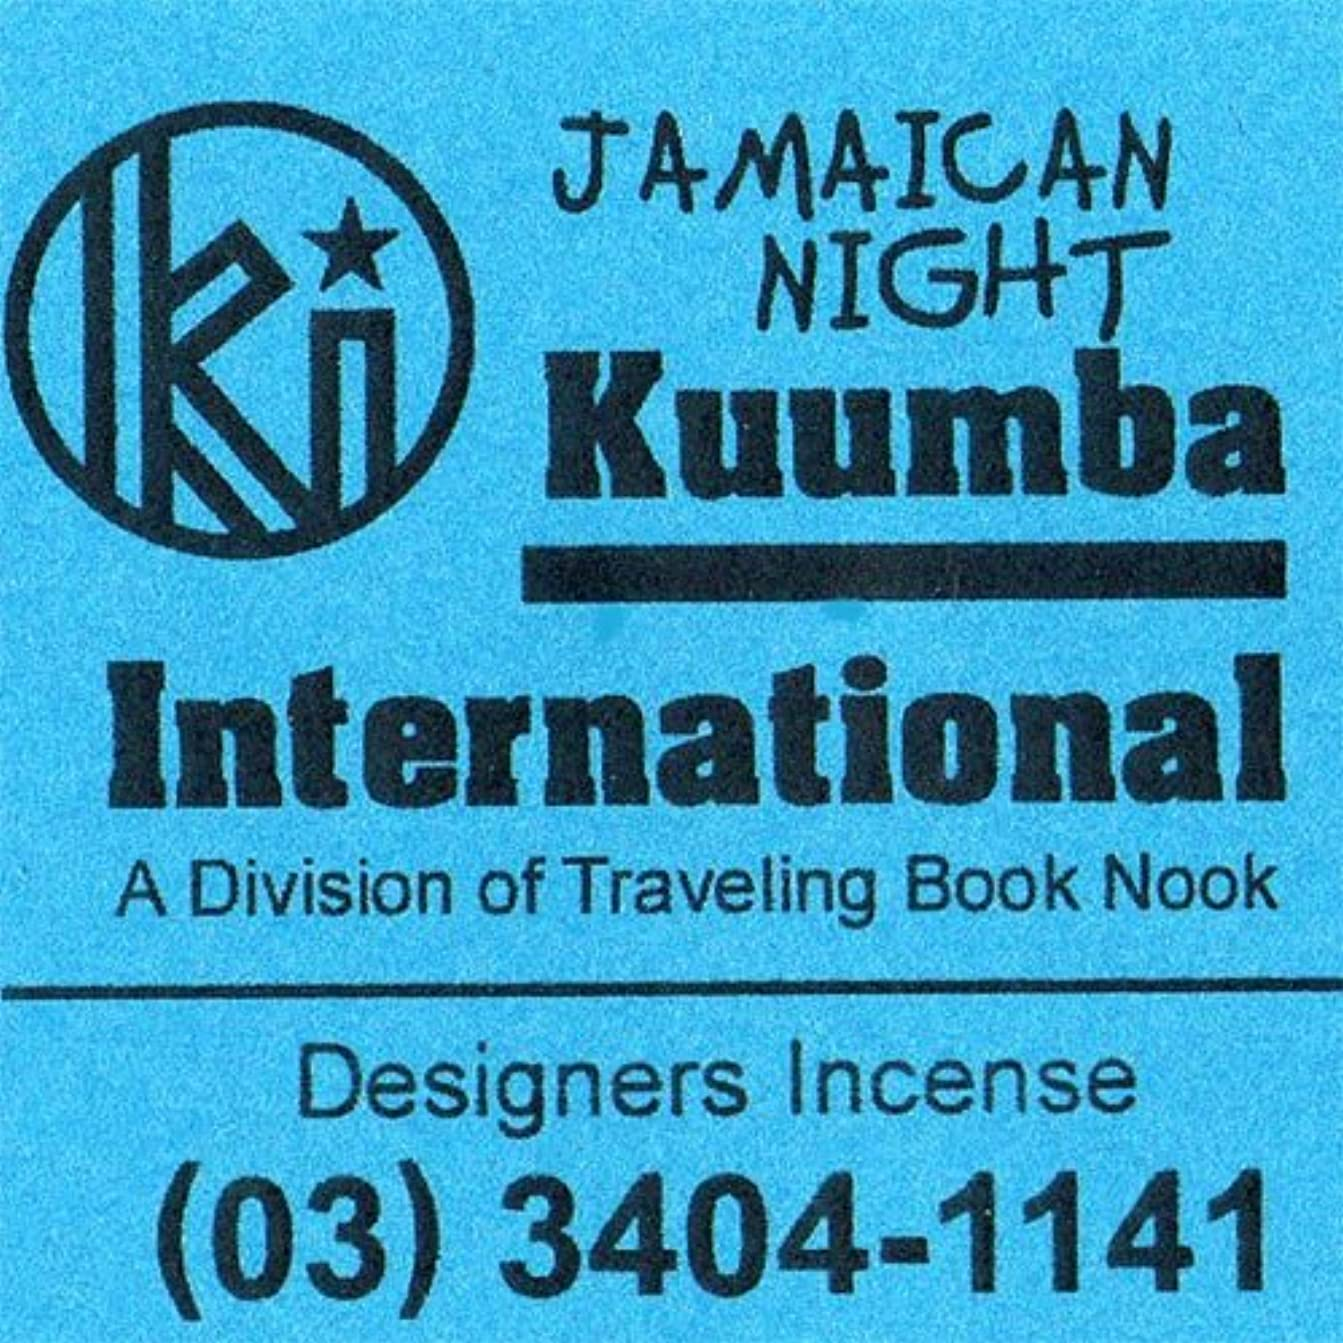 モンクあらゆる種類のロケットKUUMBA / クンバ『incense』(JAMAICAN NIGHT) (Regular size)